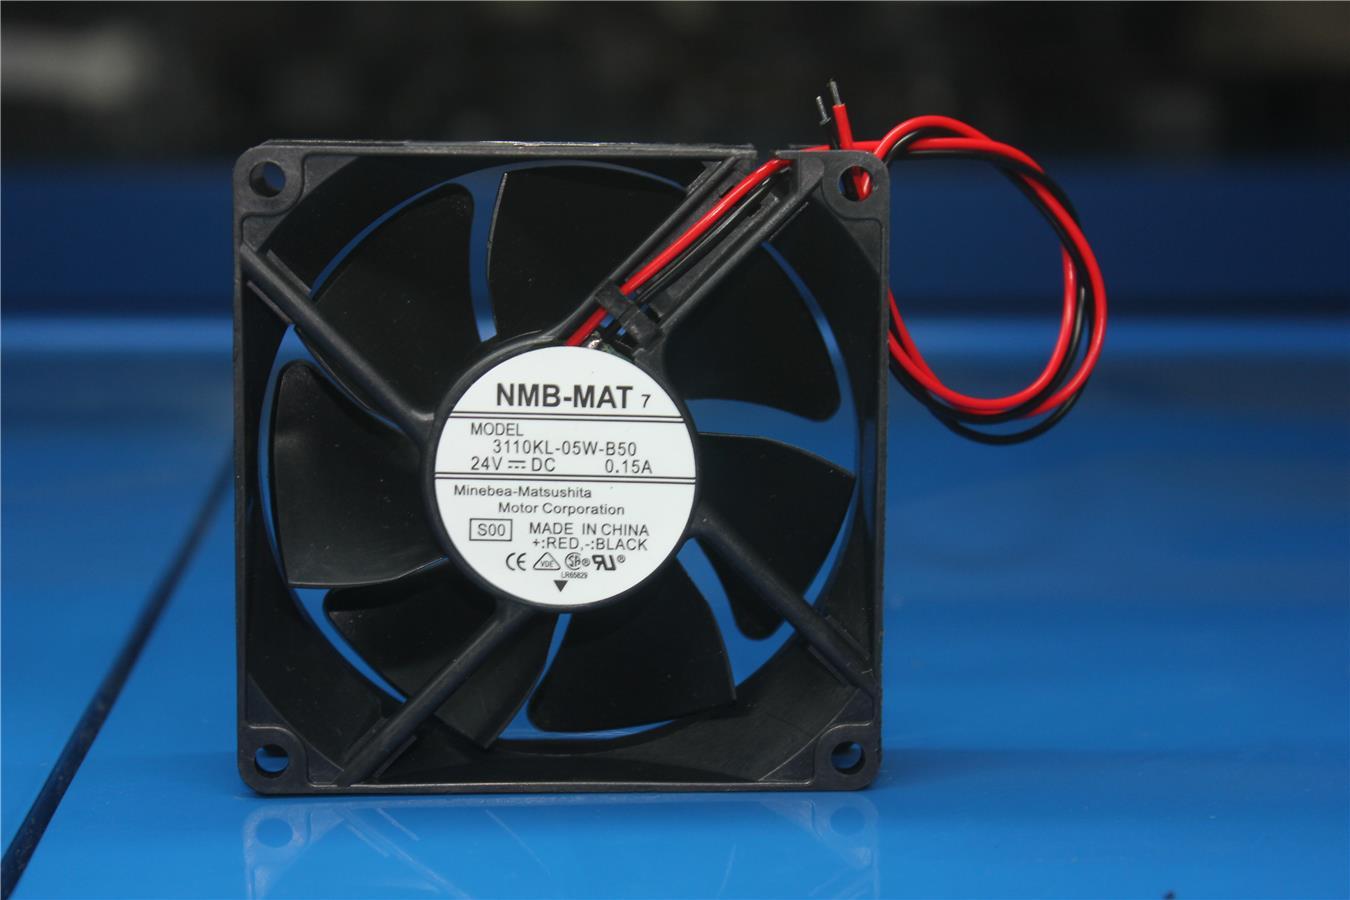 3110KL 05W B50 Новый аутентичный оригинальный DC24V 0.15A инверторный вентилятор 8 см fan 8 cm fan 8dc24v fan   АлиЭкспресс